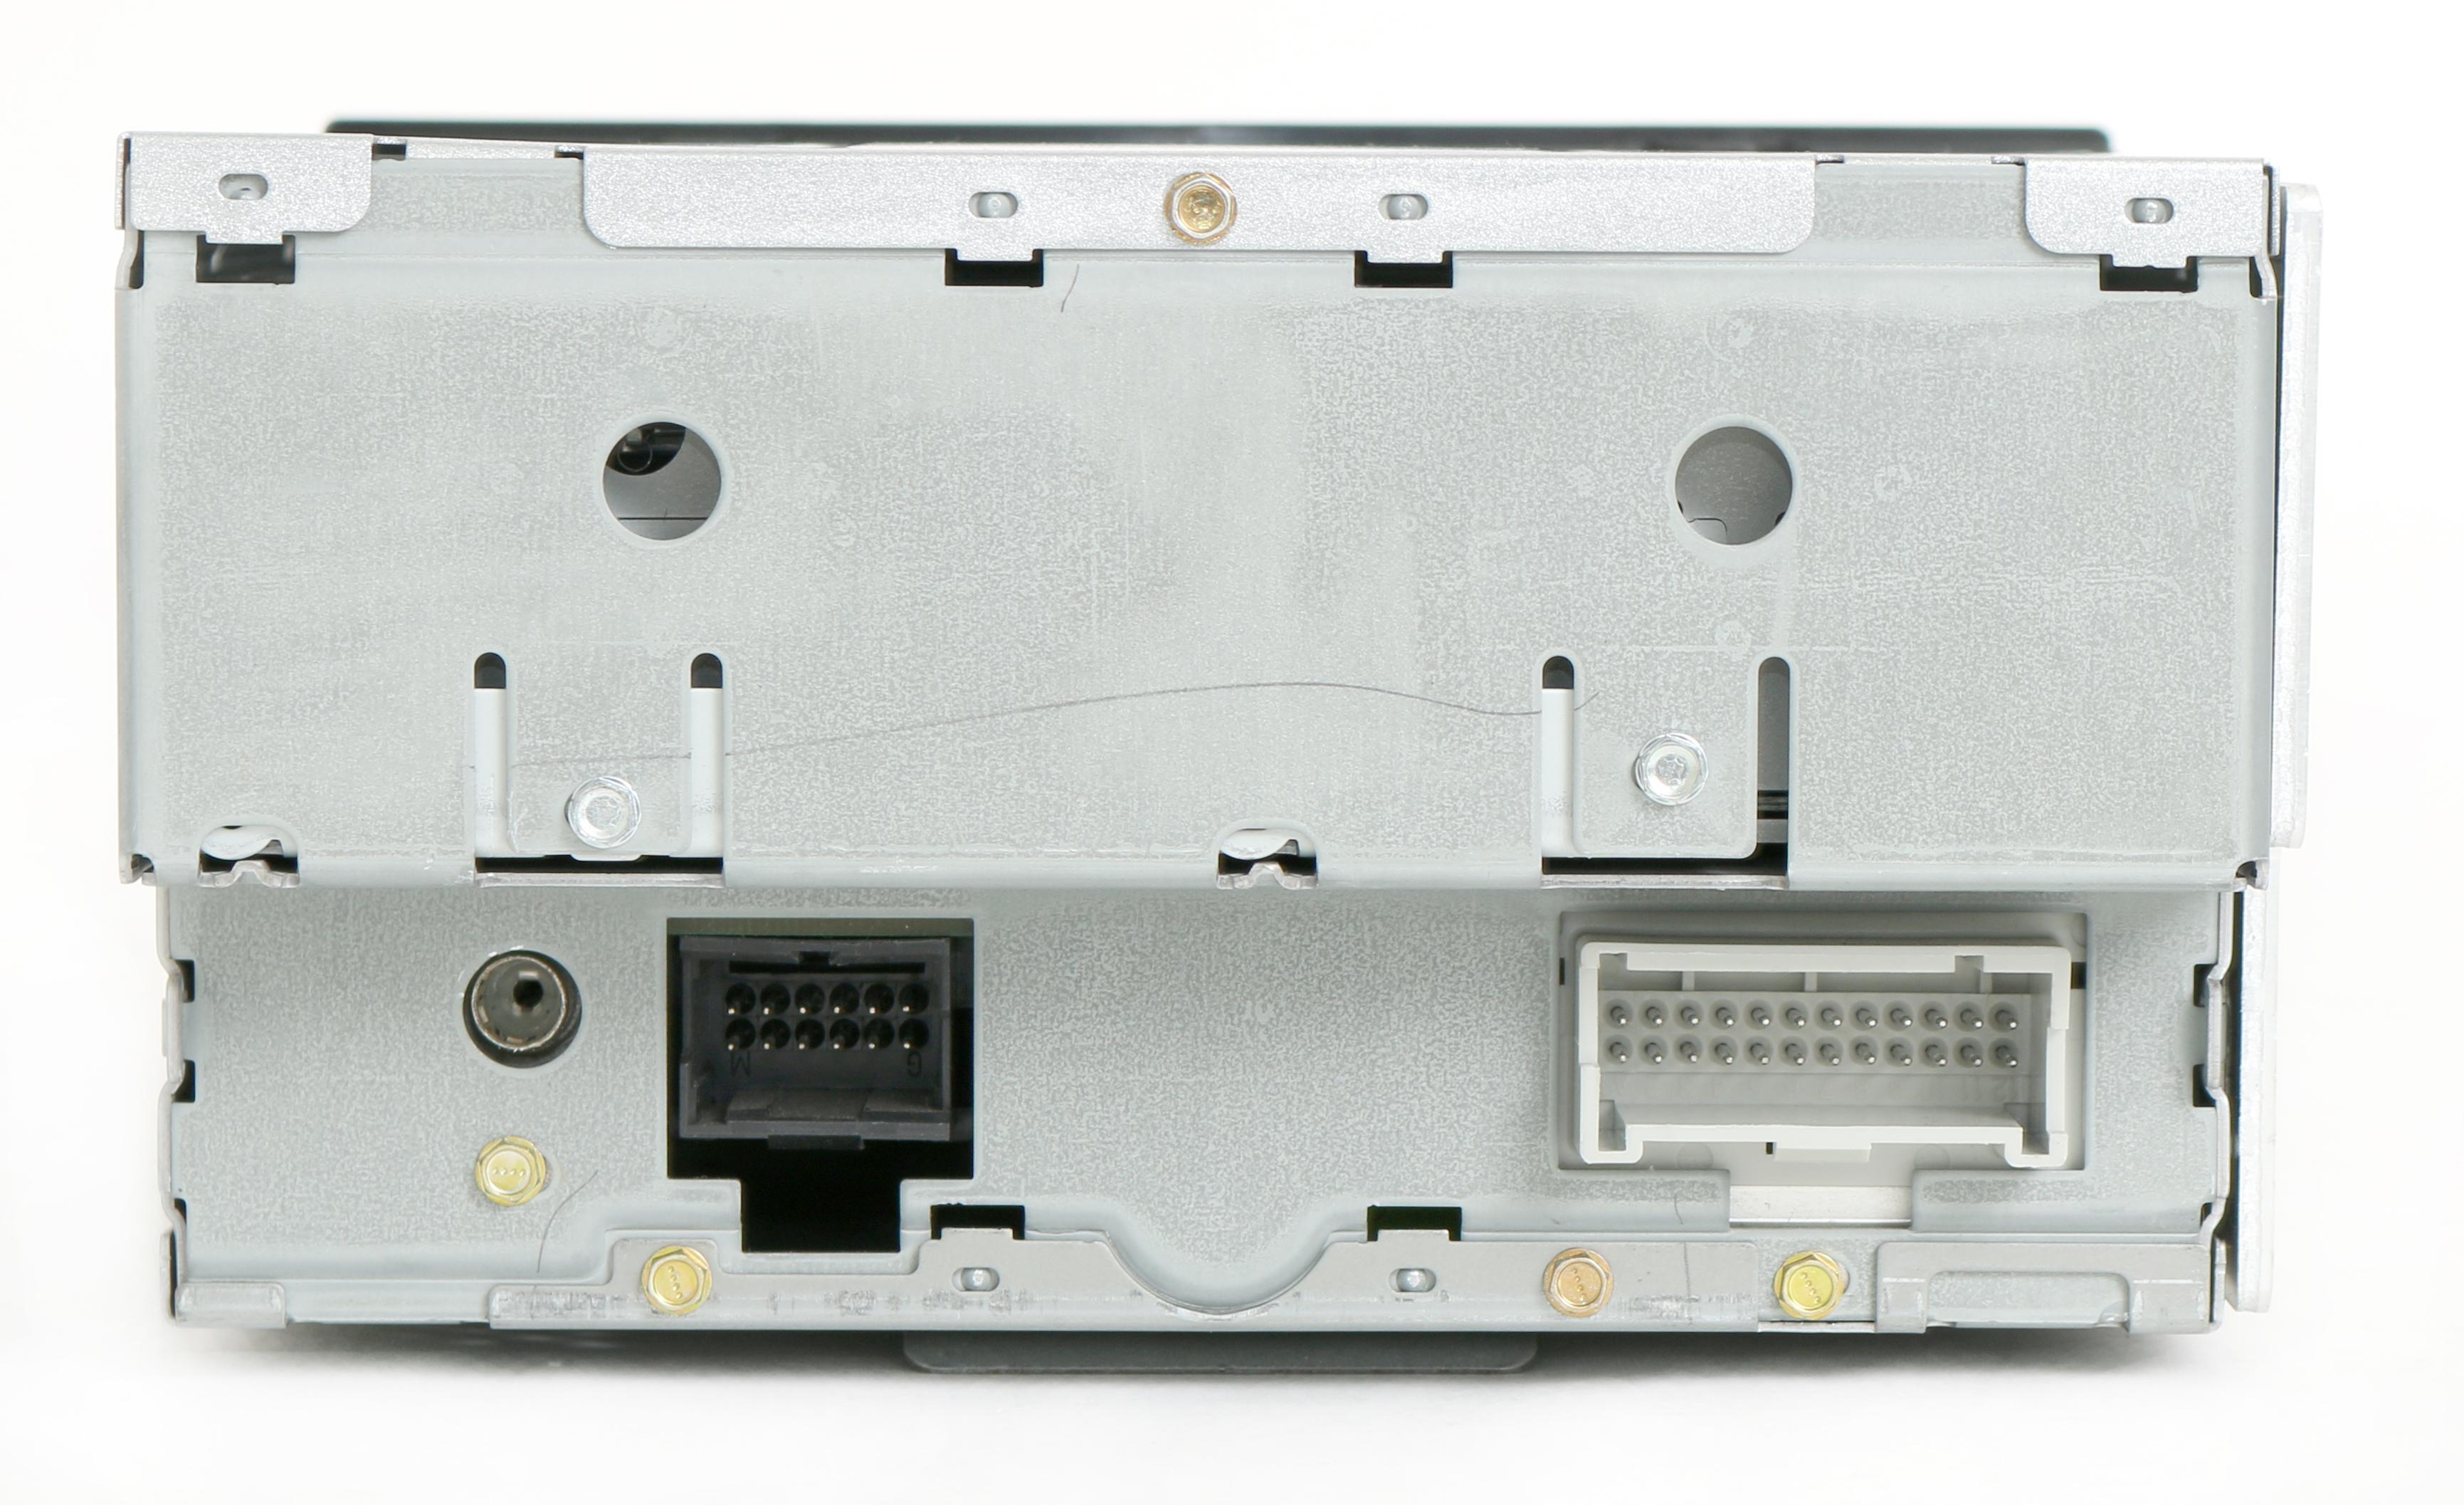 Hyundai Santa Fe 2003-06 Monsoon Radio Am Fm 6 Disc Cd Player Part 12239439